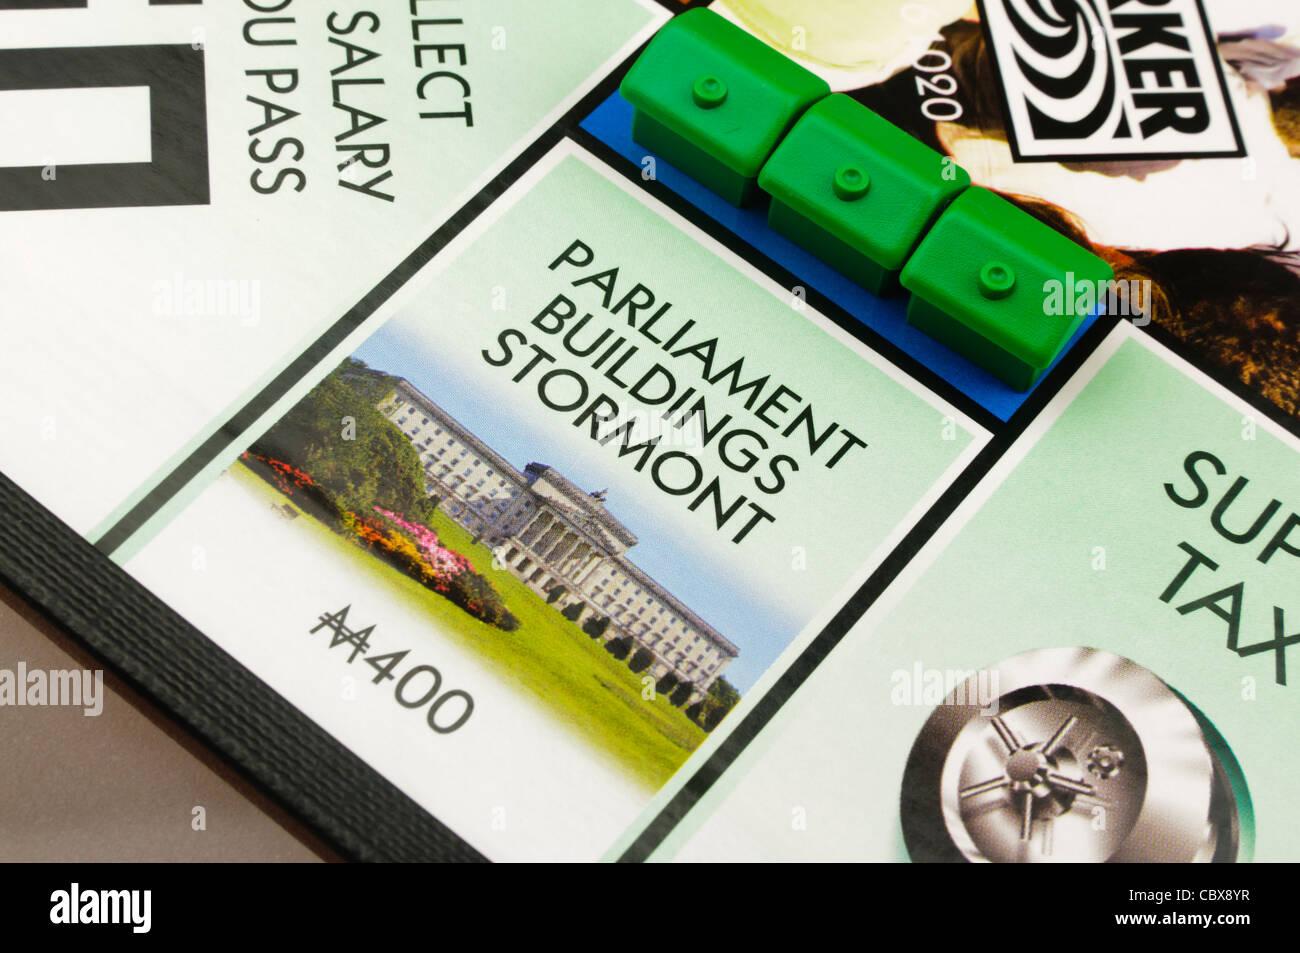 Belfast-Monopol: Bau von Häusern am Parlamentsgebäude Stockbild